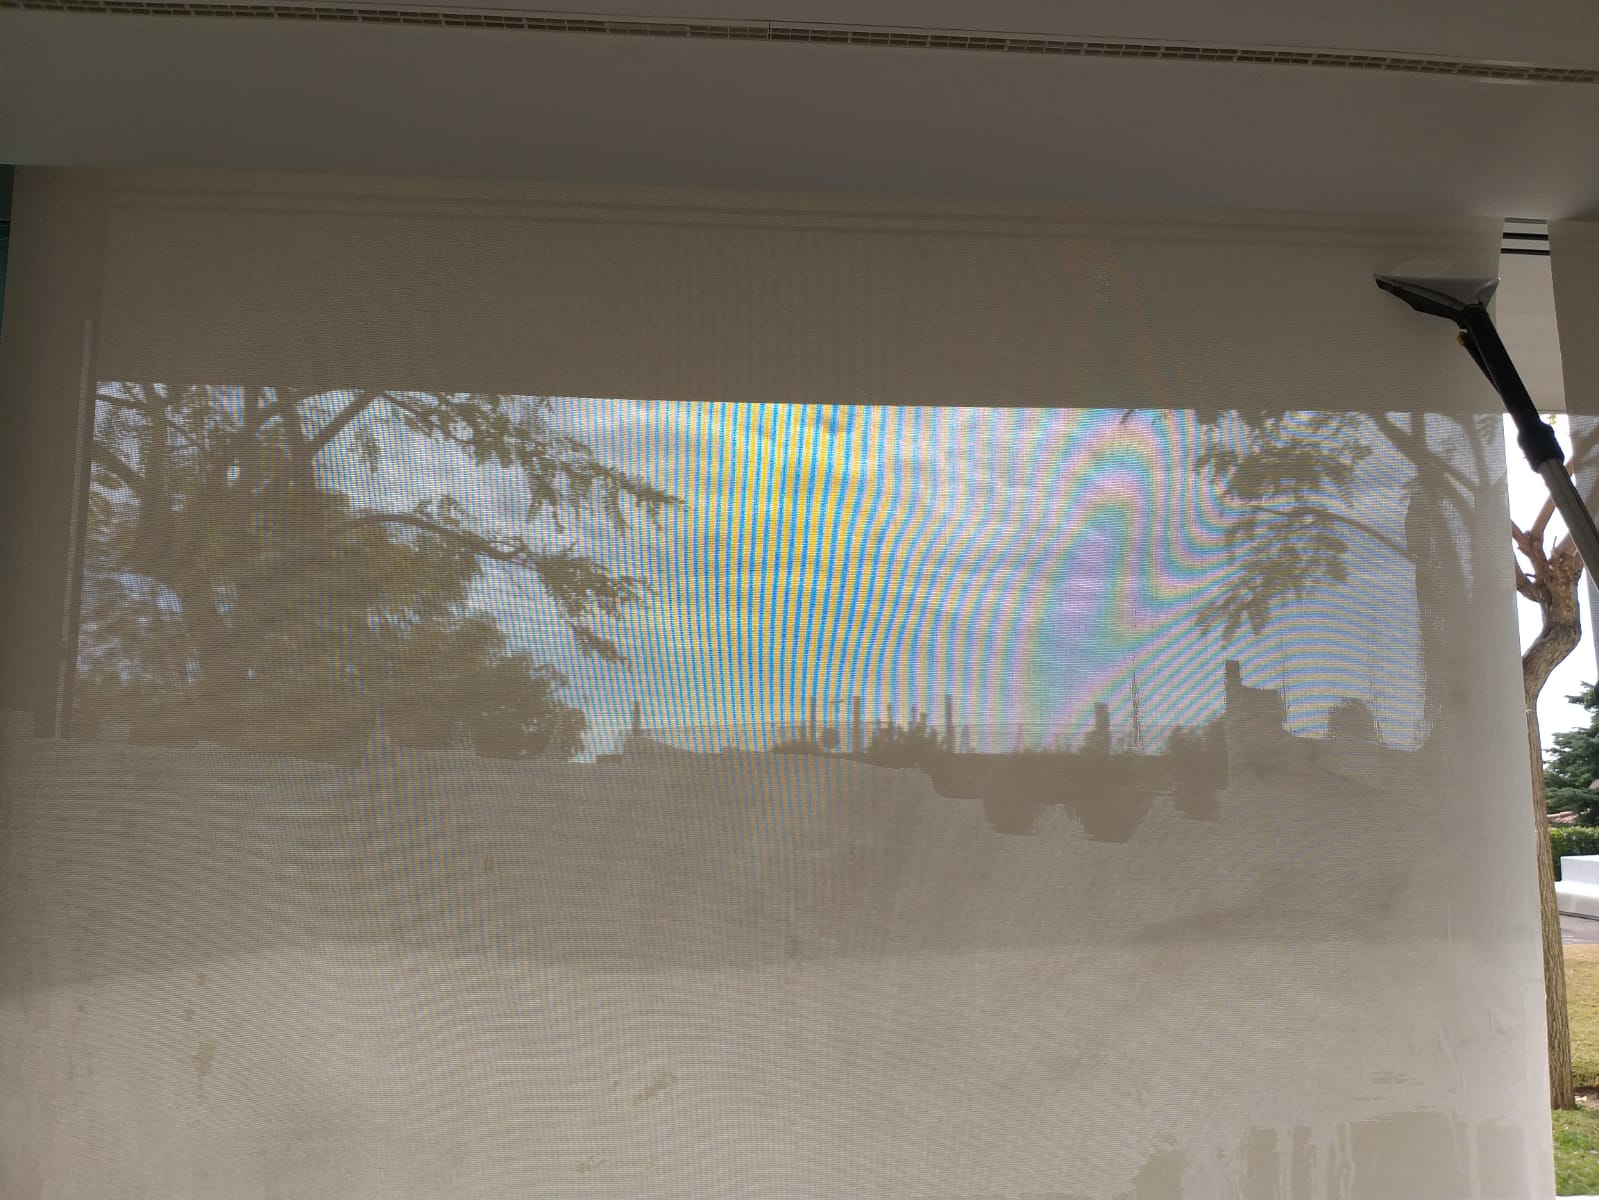 Limpieza de screens en la zona del Maresme